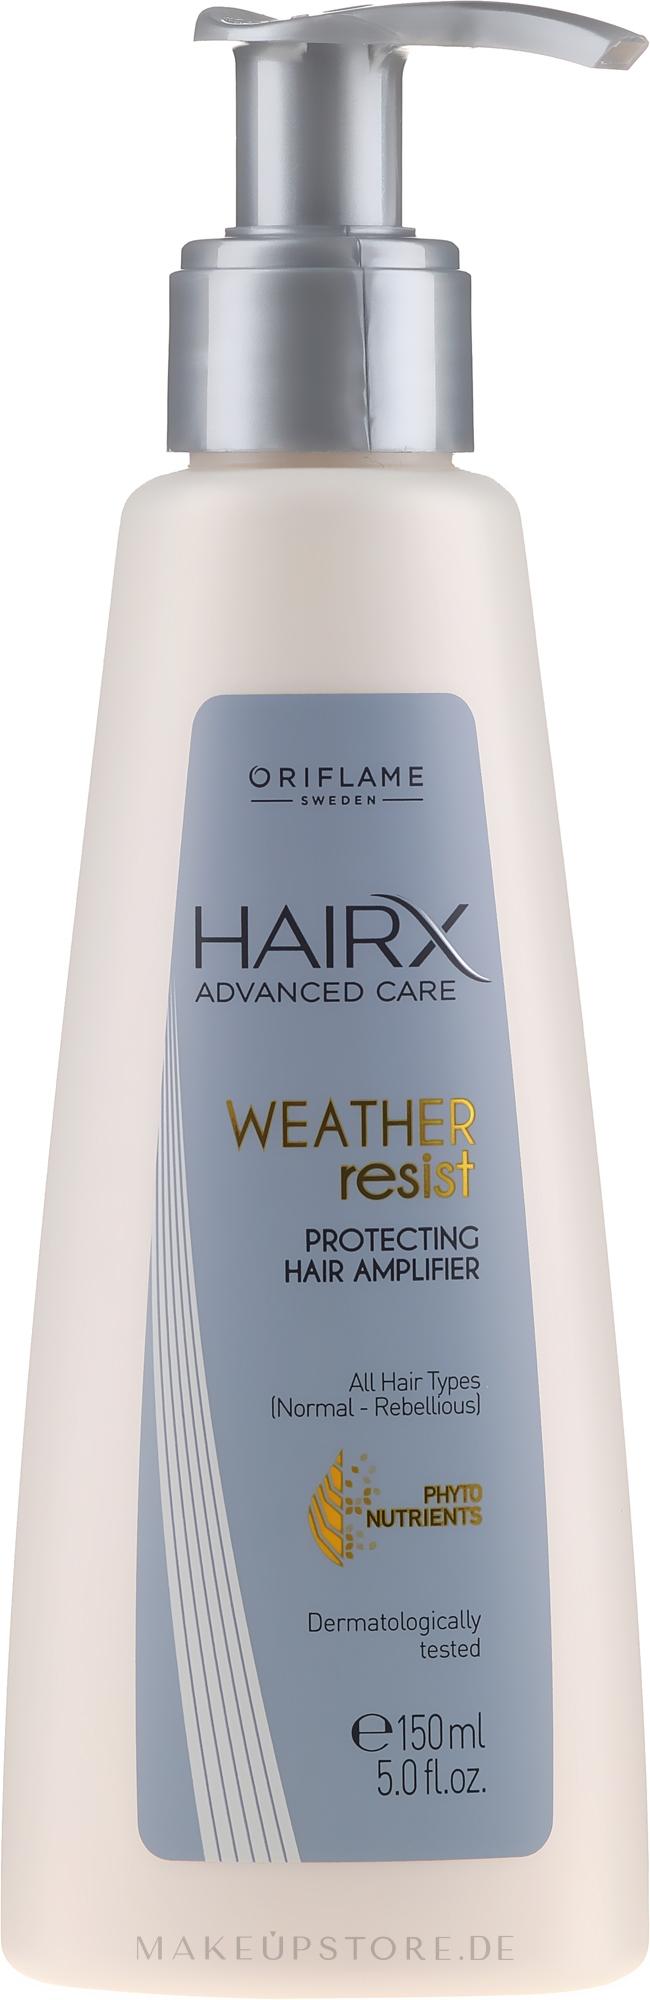 Schützender Haarverstärker für alle Haartypen - Oriflame HairX Protecting Hair Amplifier — Bild 150 ml